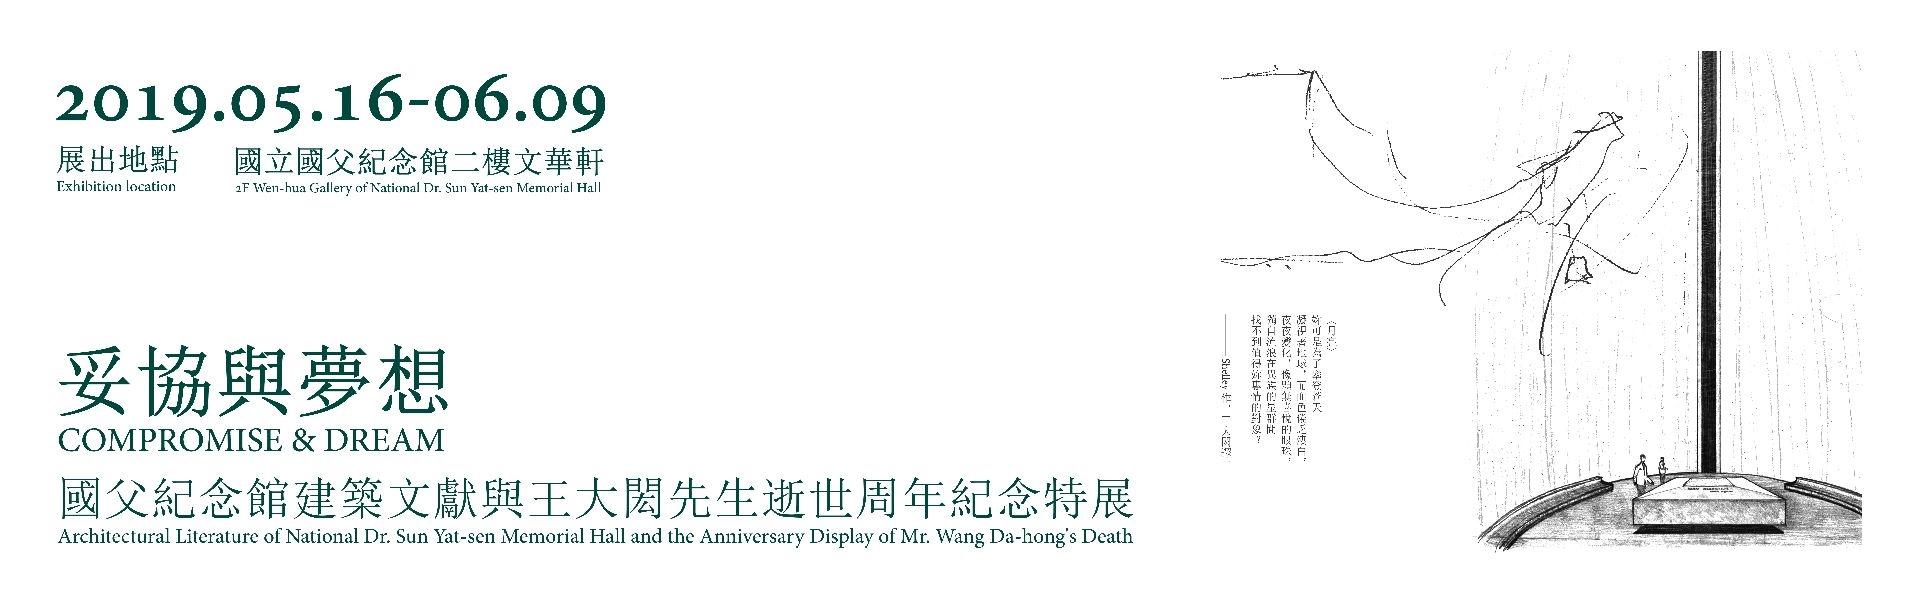 國父紀念館建築文獻與王大閎先生逝世周年紀念特展[另開新視窗]